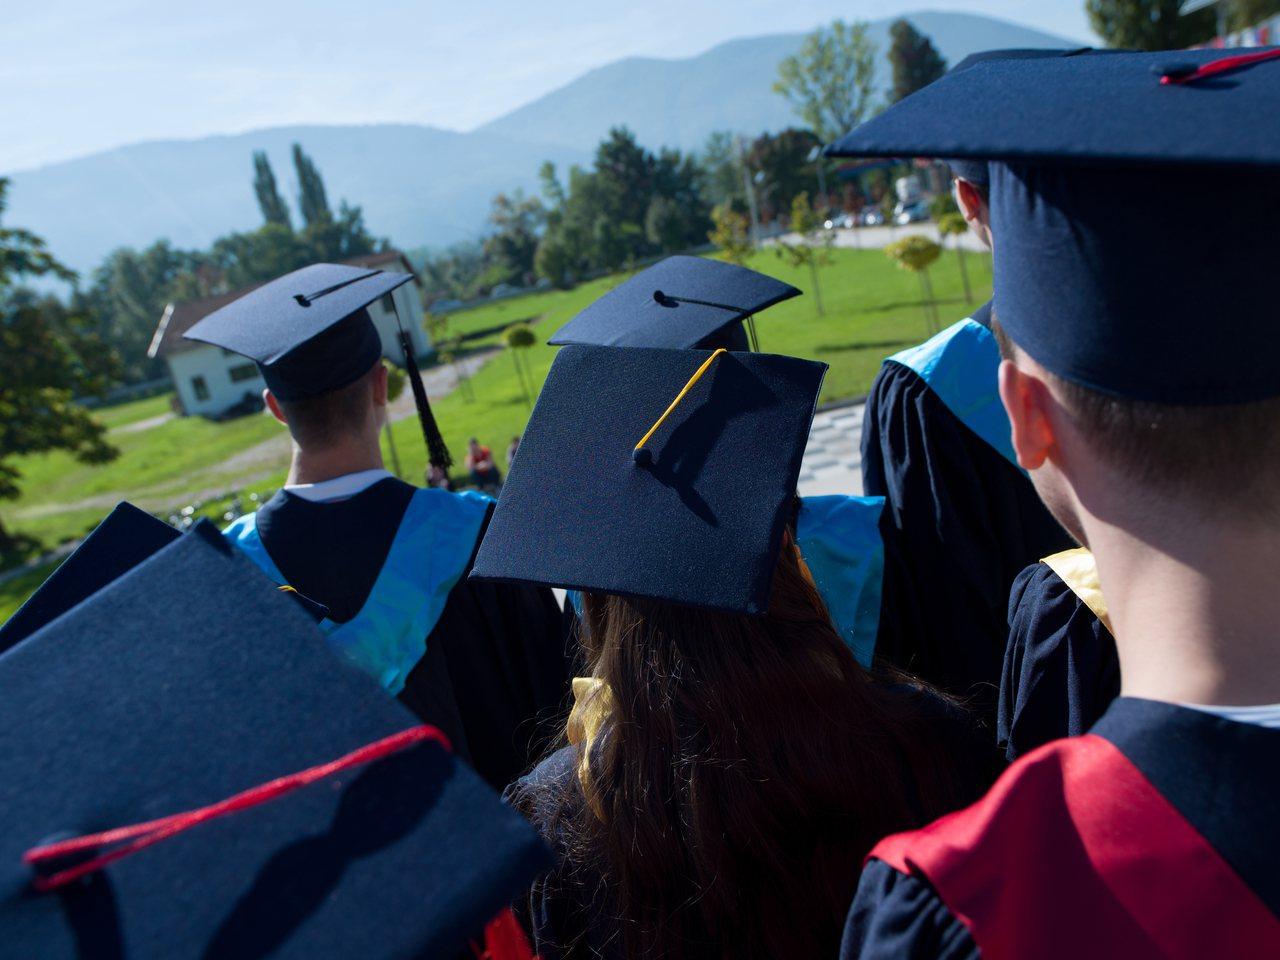 2018年獲得學士學位的美國大學畢業生,平均積欠大約2萬9200元(約台幣90萬...